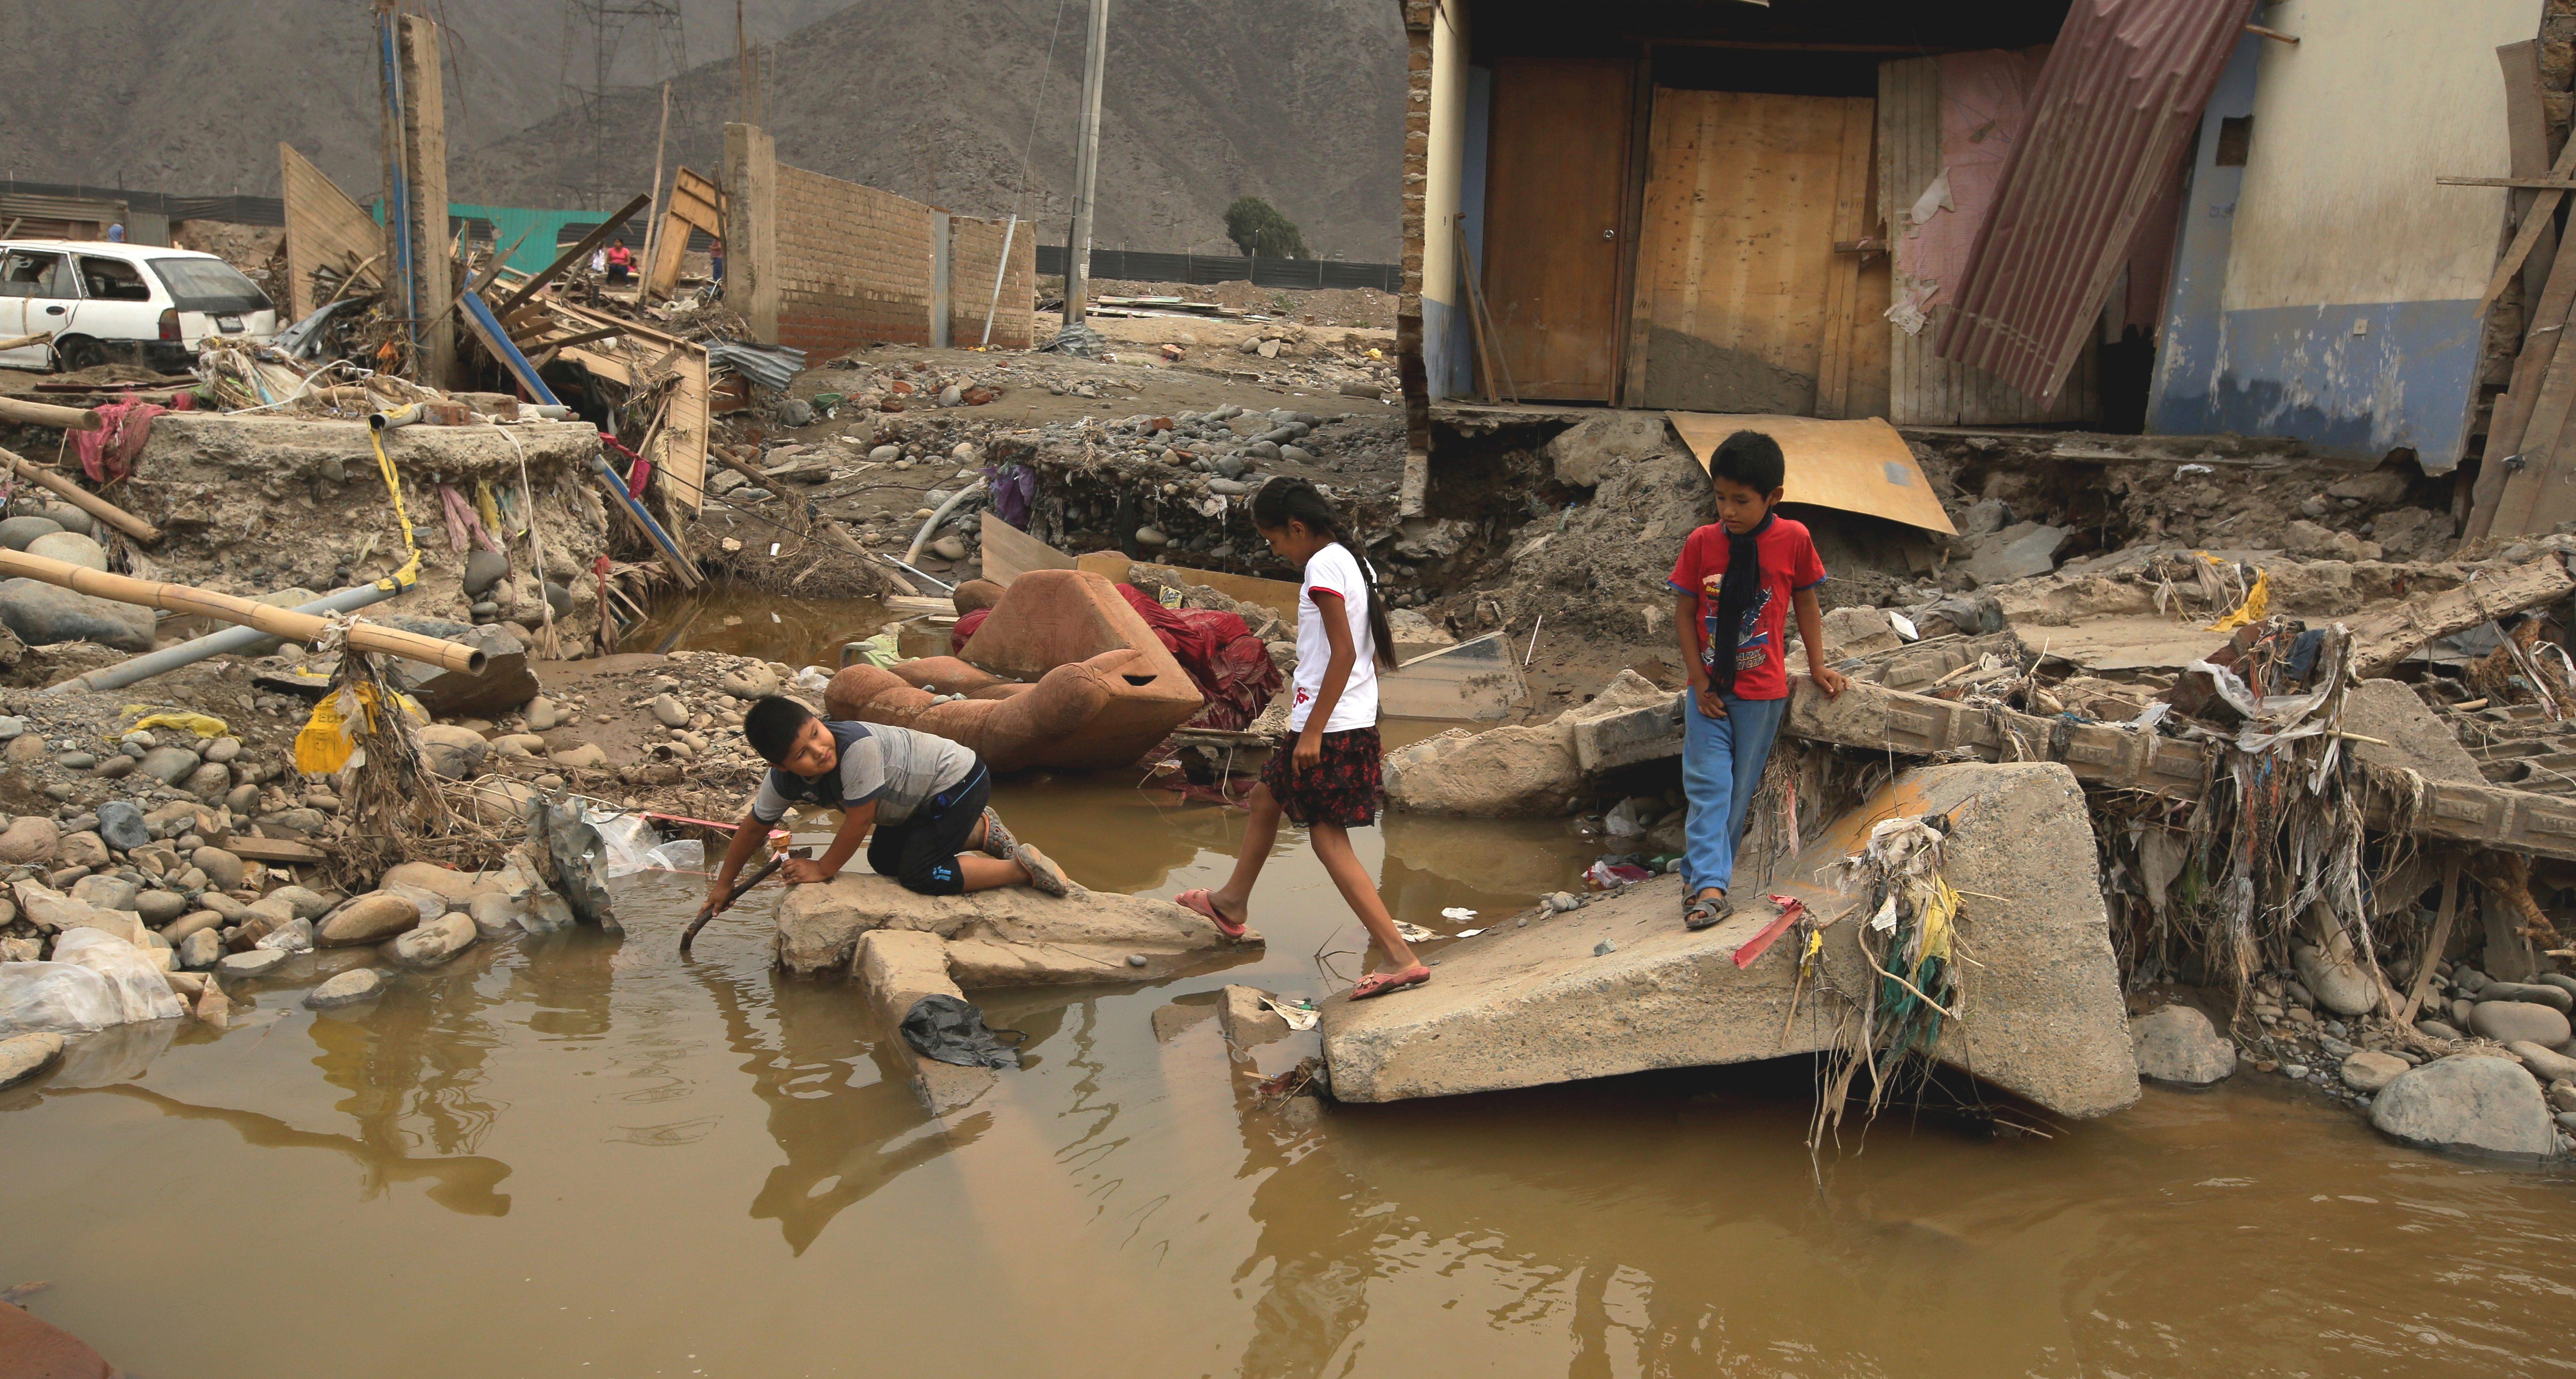 Kinder im Überschwemmungsgebiet. (Quelle: REUTERS/Mariana Bazo)